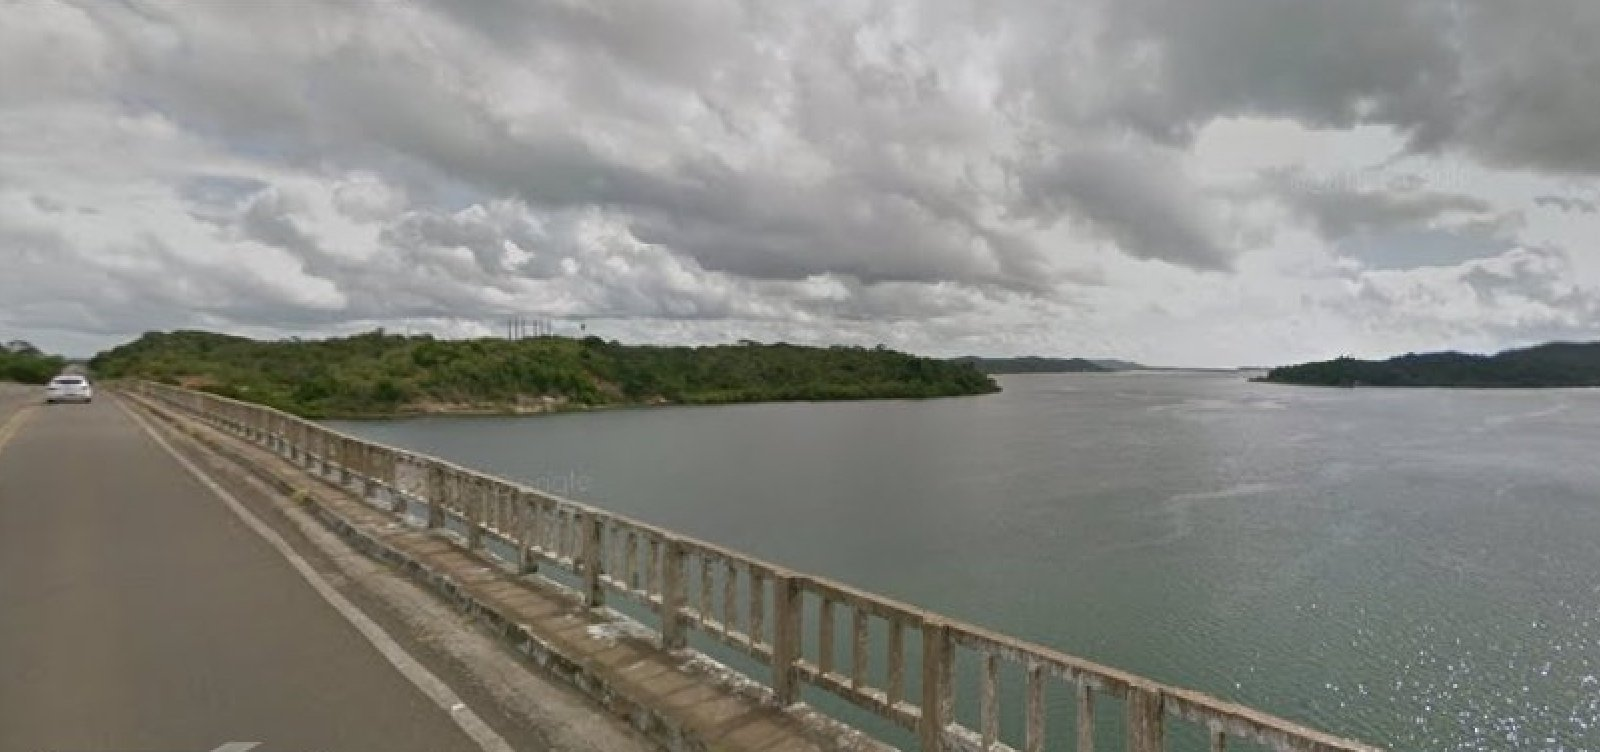 [Morador denuncia condição precária da Ponte do Funil: 'Vi um pedaço grande de concreto cair no mar']